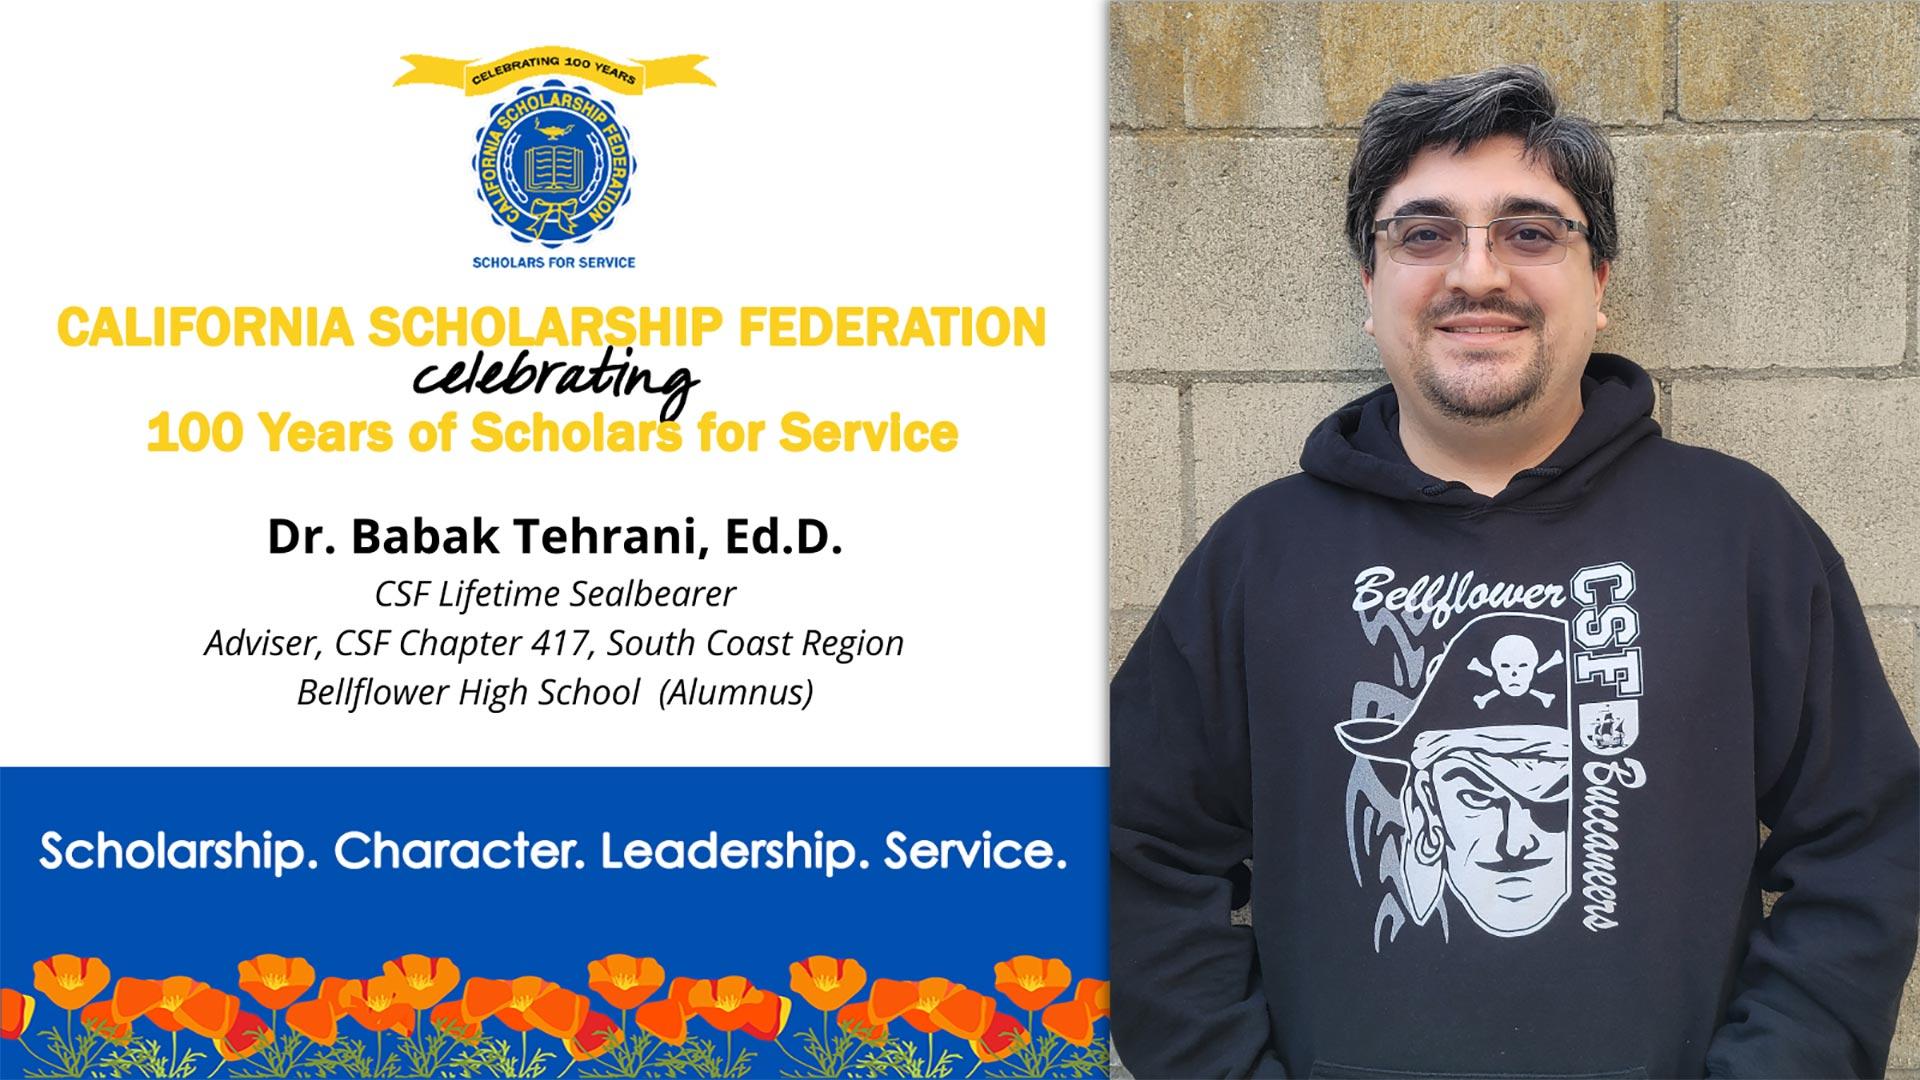 Dr. Babak Tehrani CSF-417 Bellflower HS Adviser and Alumnus